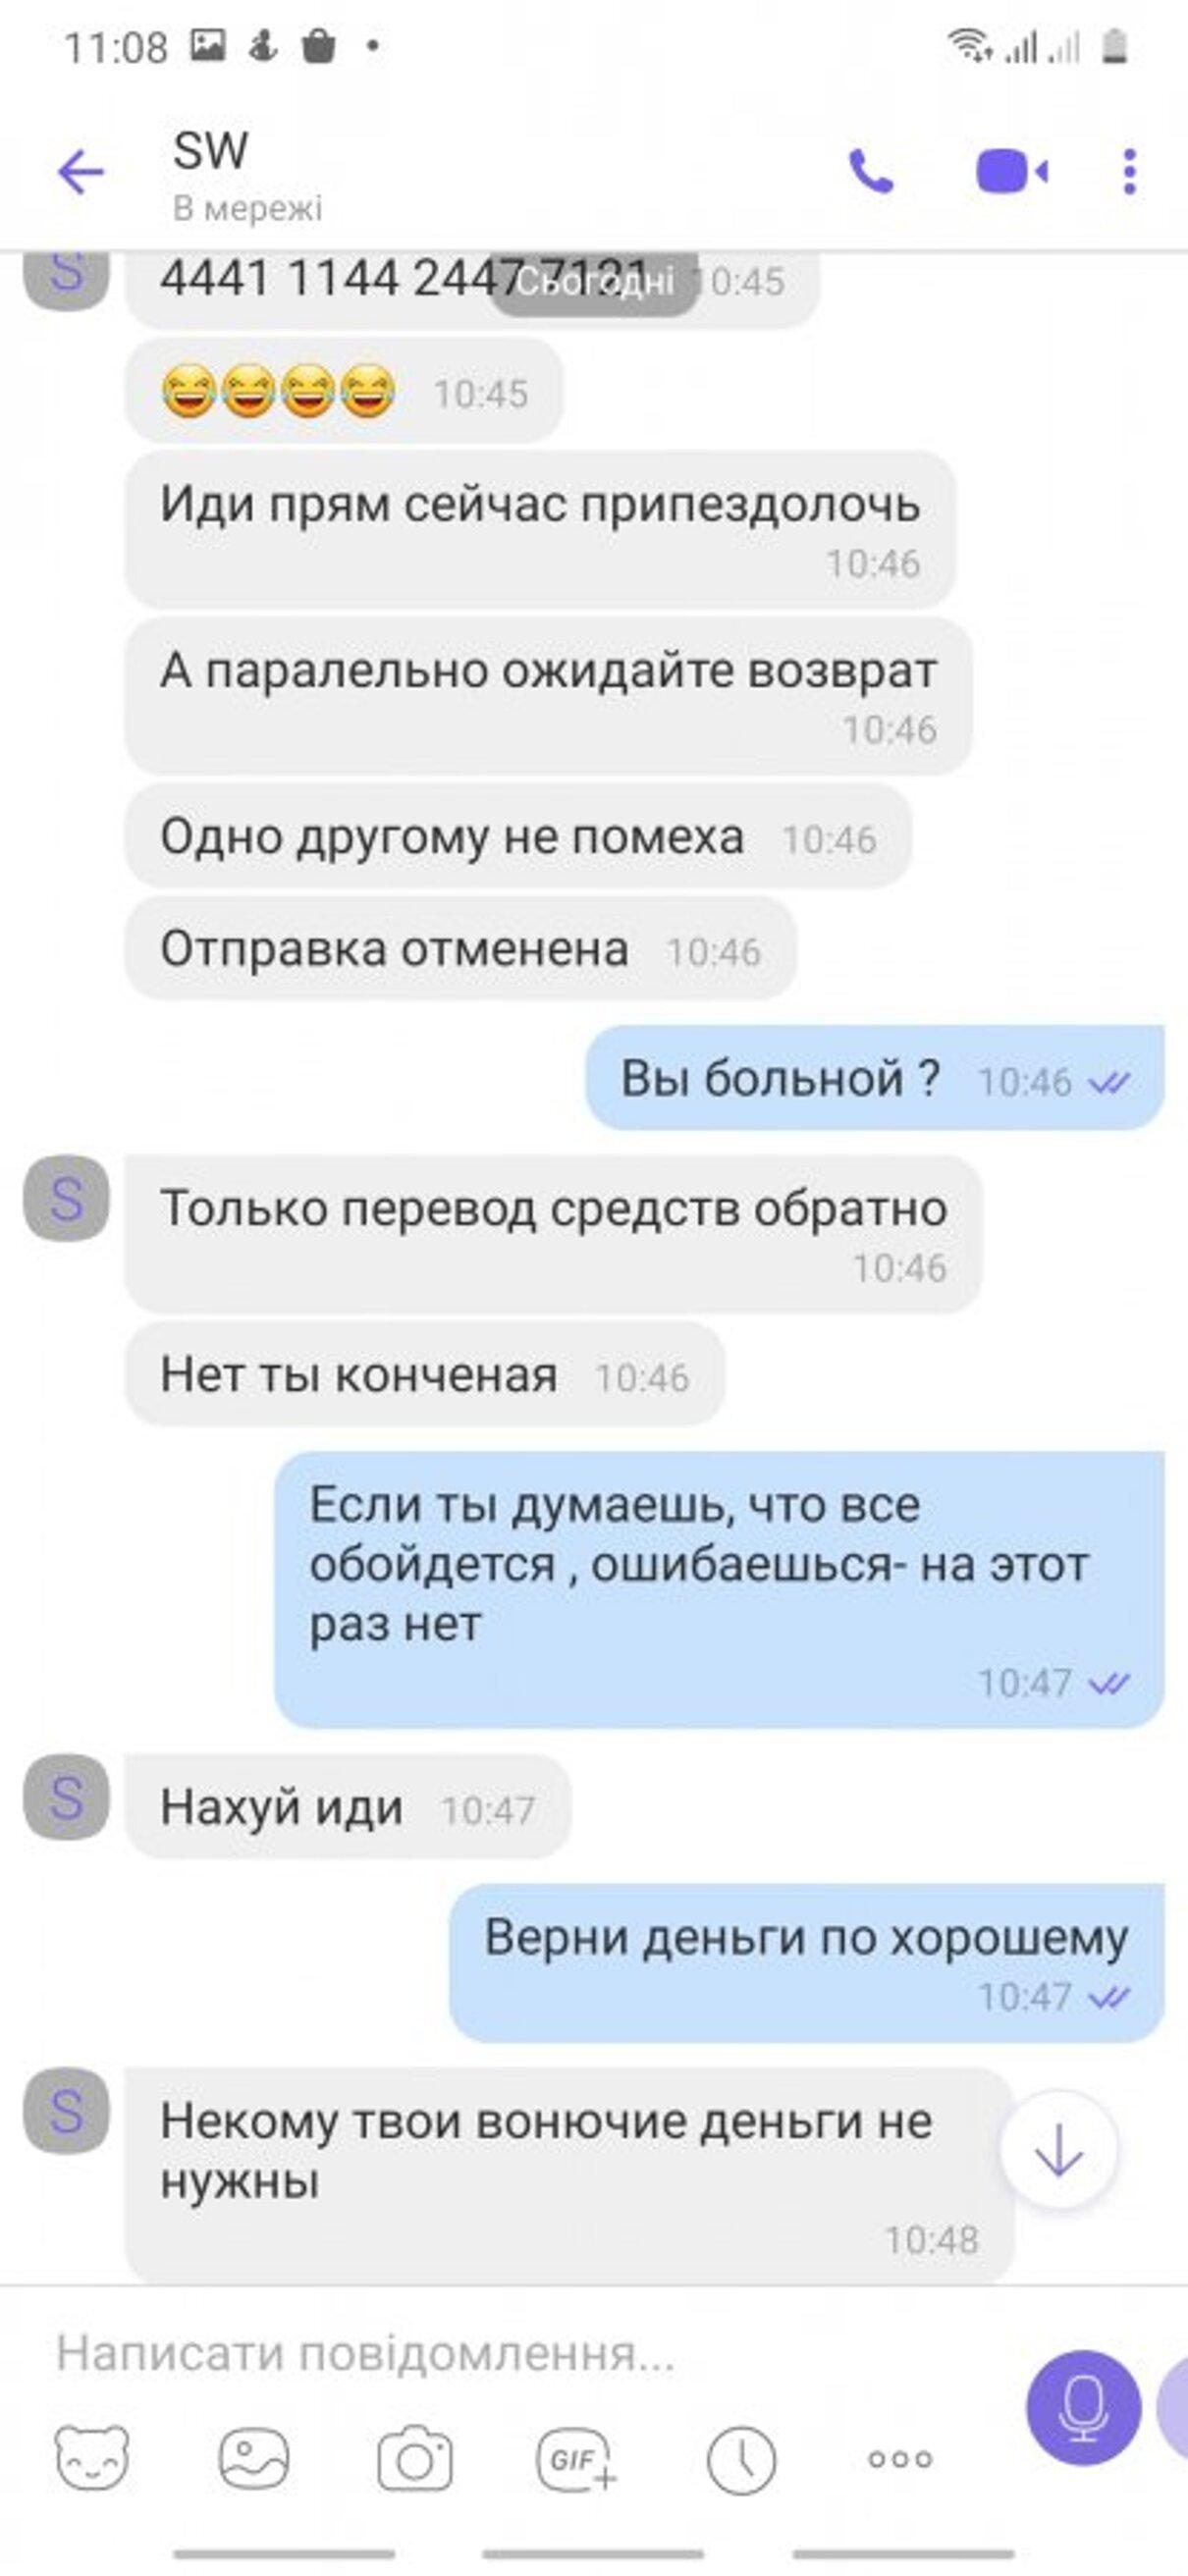 Жалоба-отзыв: Https://sports-wear.com.ua ужасно, не связывайтесь - Https://sports-wear.com.ua стремный сайт! Могут кинуть.  Фото №4